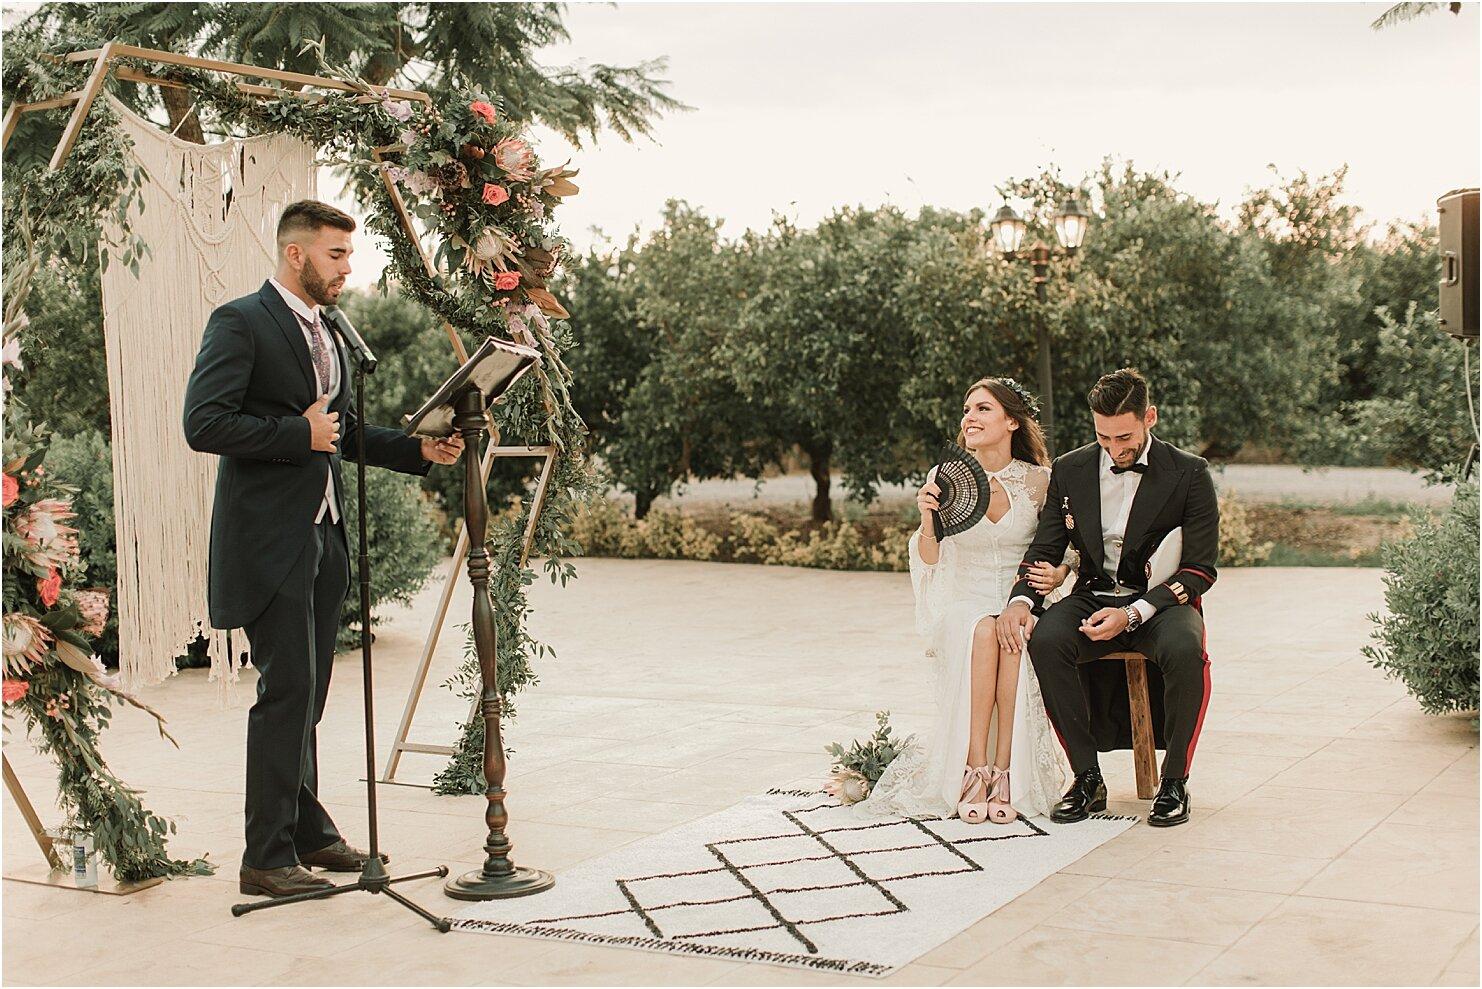 boda-romantica-boda-boho-vestido-de-novia-laura-lomas28.jpg